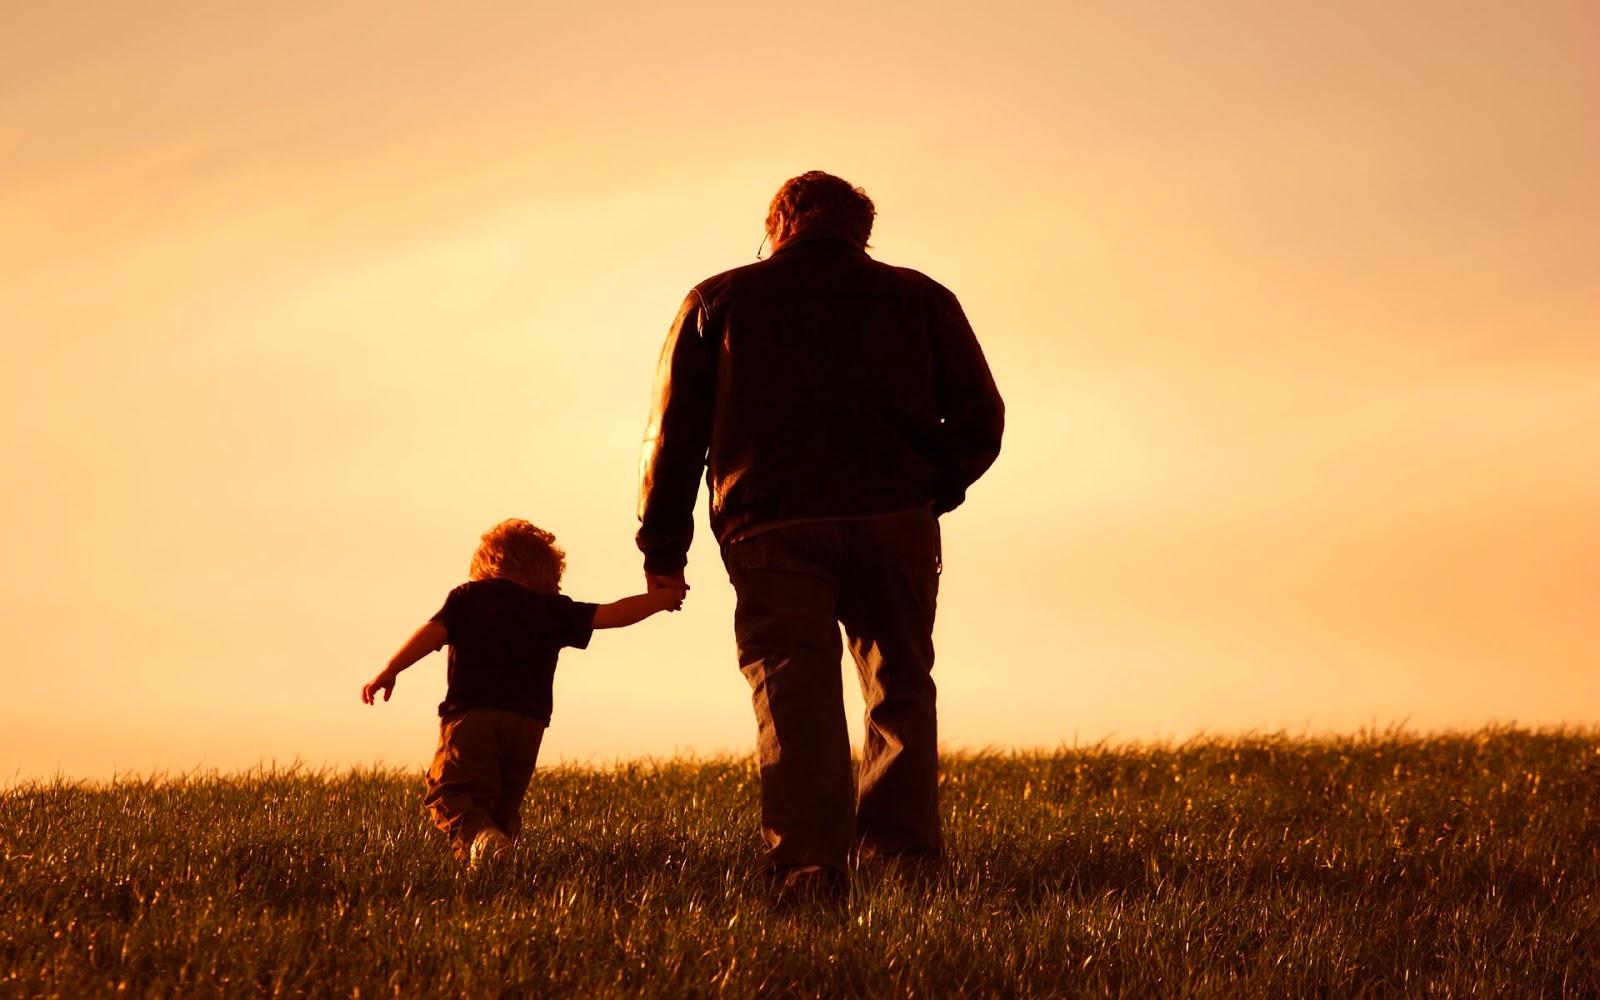 La amabilidad del Profeta Muhammad con los niños y los ancianos